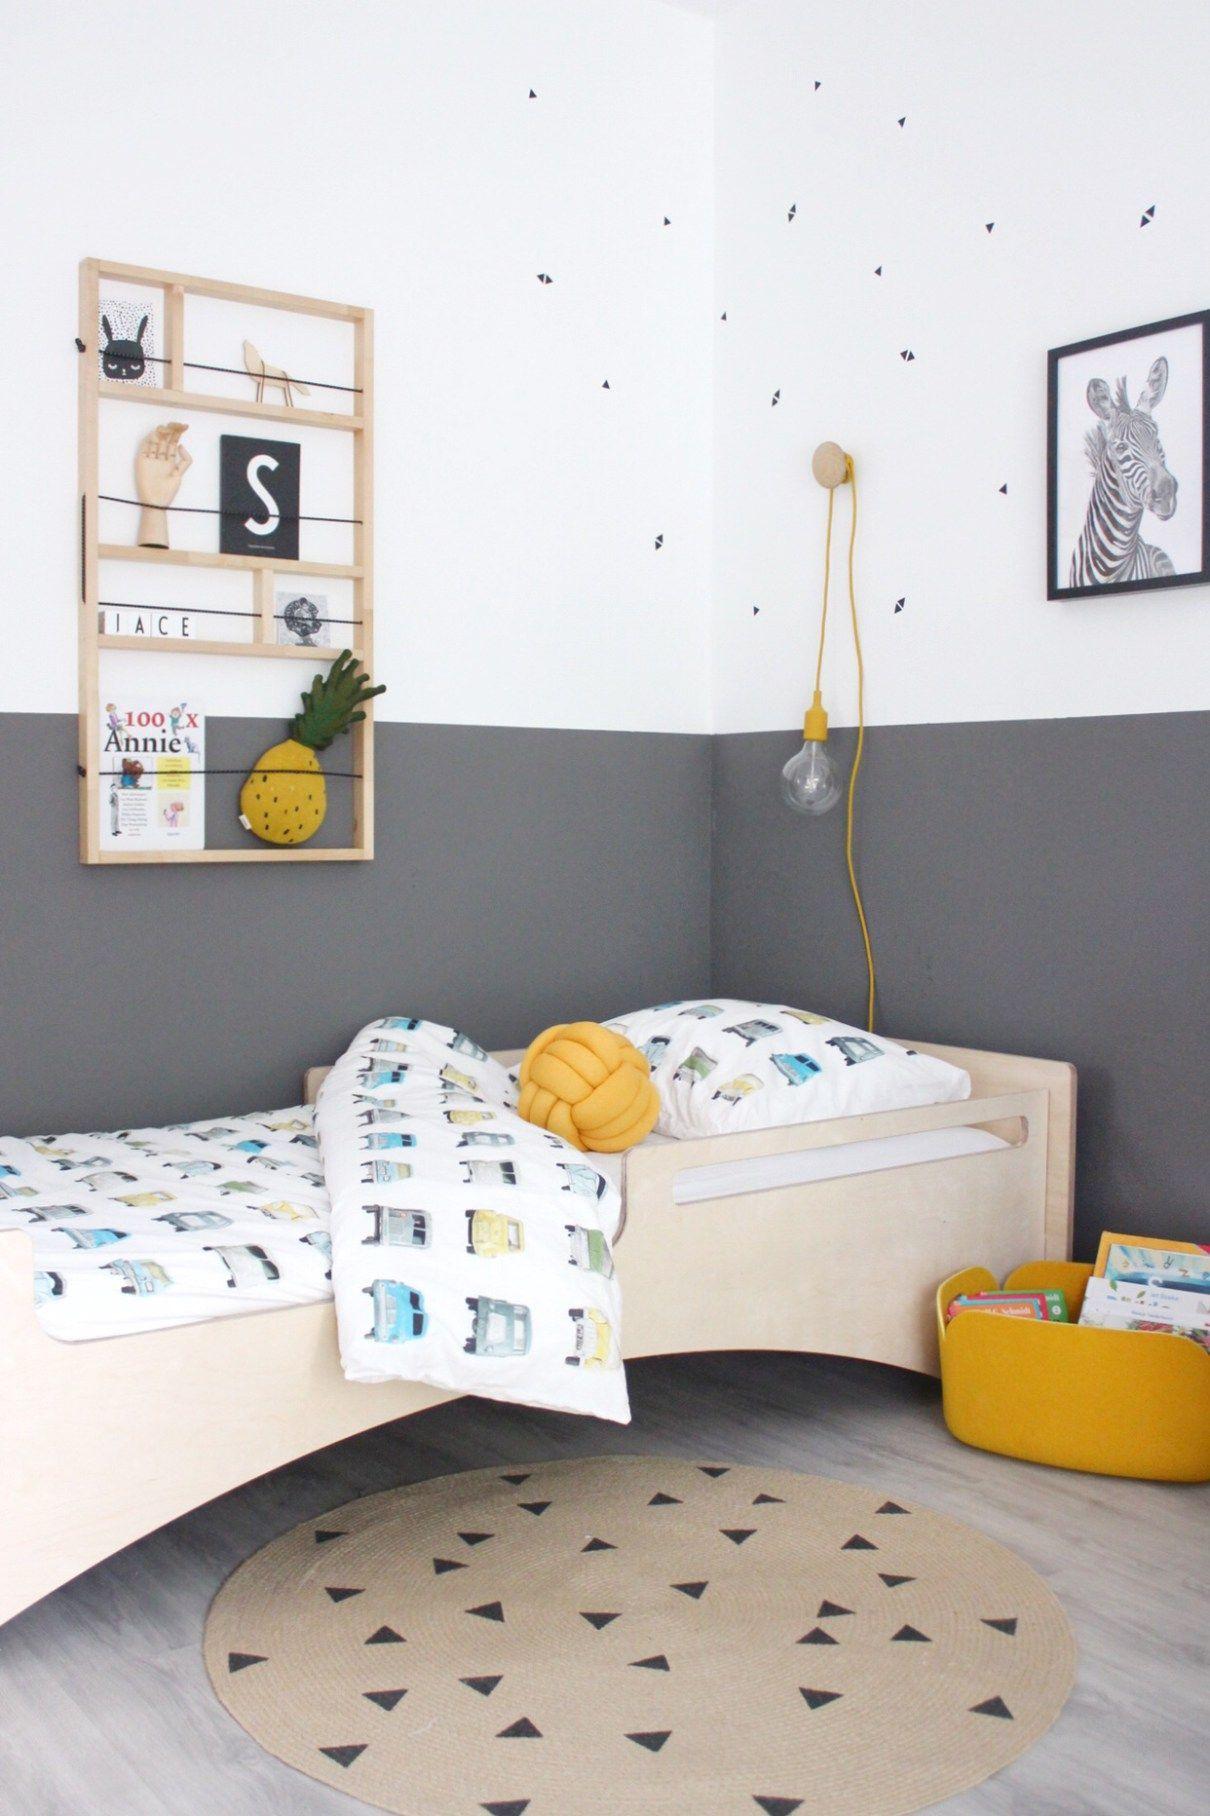 Kinderkamer Inspiratie Met Okergeel Grijs Meer Zien Lees Dan Mijn Blog Jungen Schlafzimmer Dekor Kinder Zimmer Jungszimmer